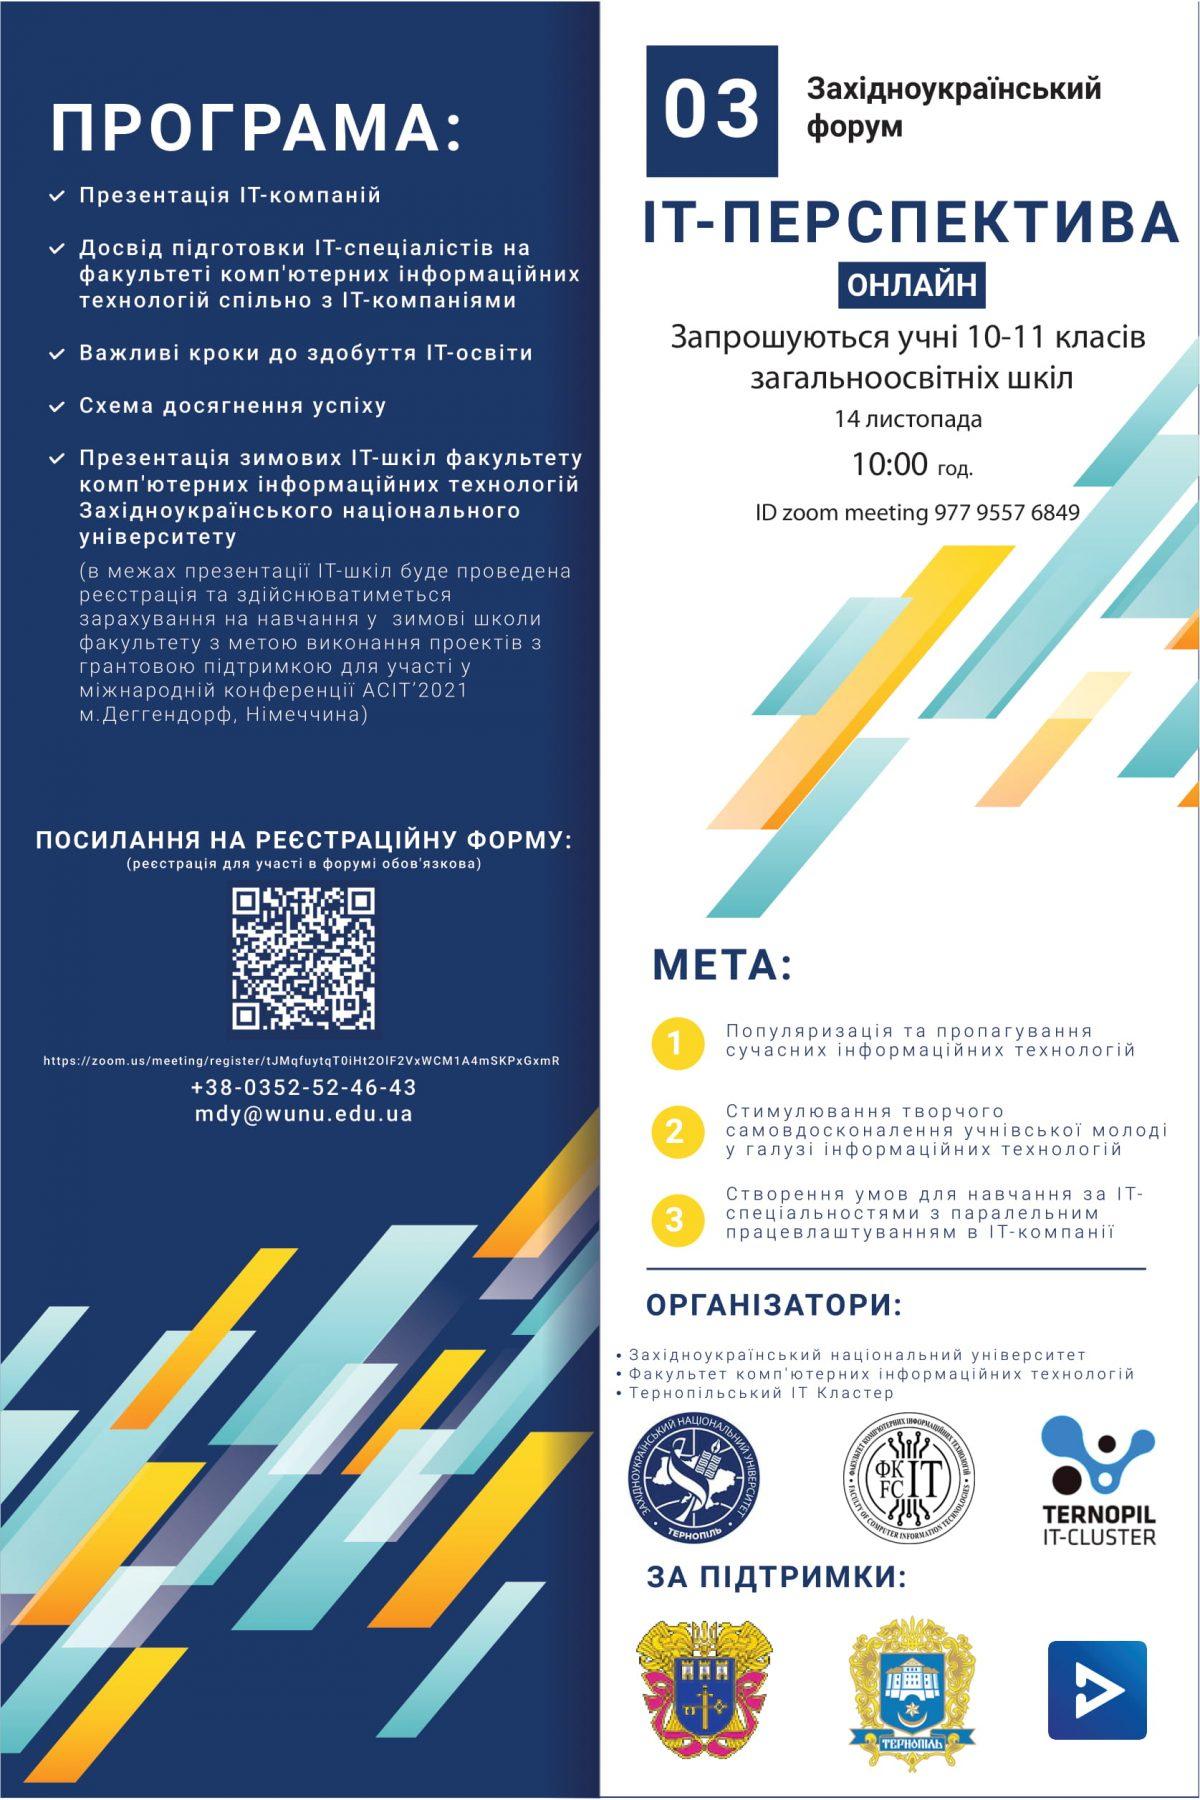 Запрошуємо учнівську молодь взяти участь у ІІІ Західноукраїнському форумі «ІТ-перспектива» (онлайн)